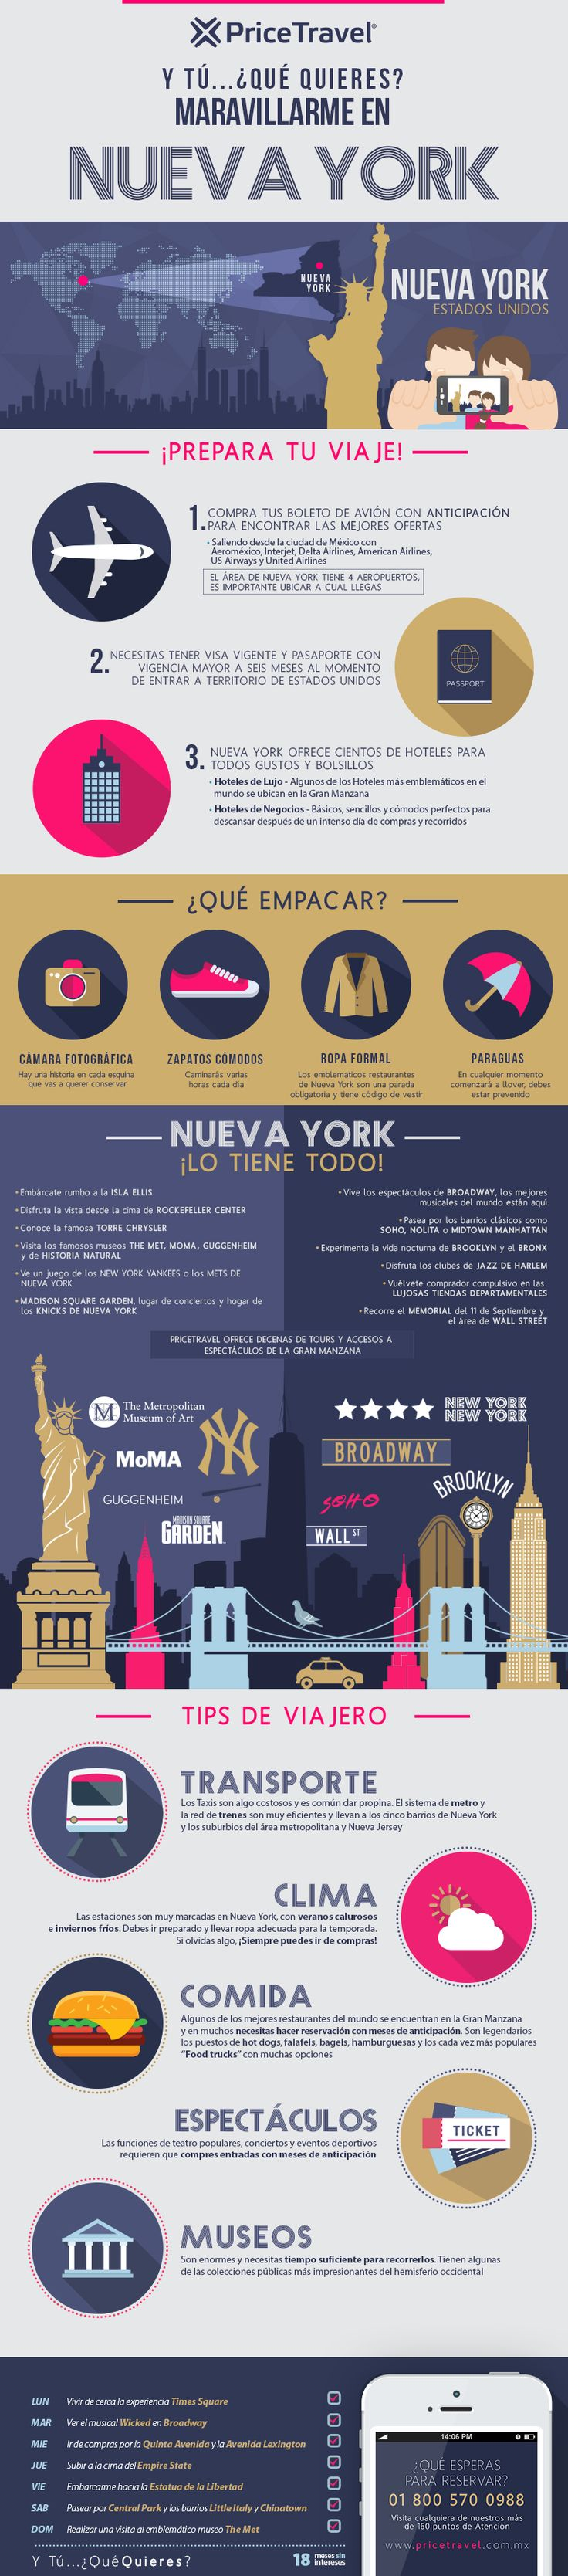 Infograf a sobre qu hacer en nueva york tips de viaje - Que hacer en vacaciones ...